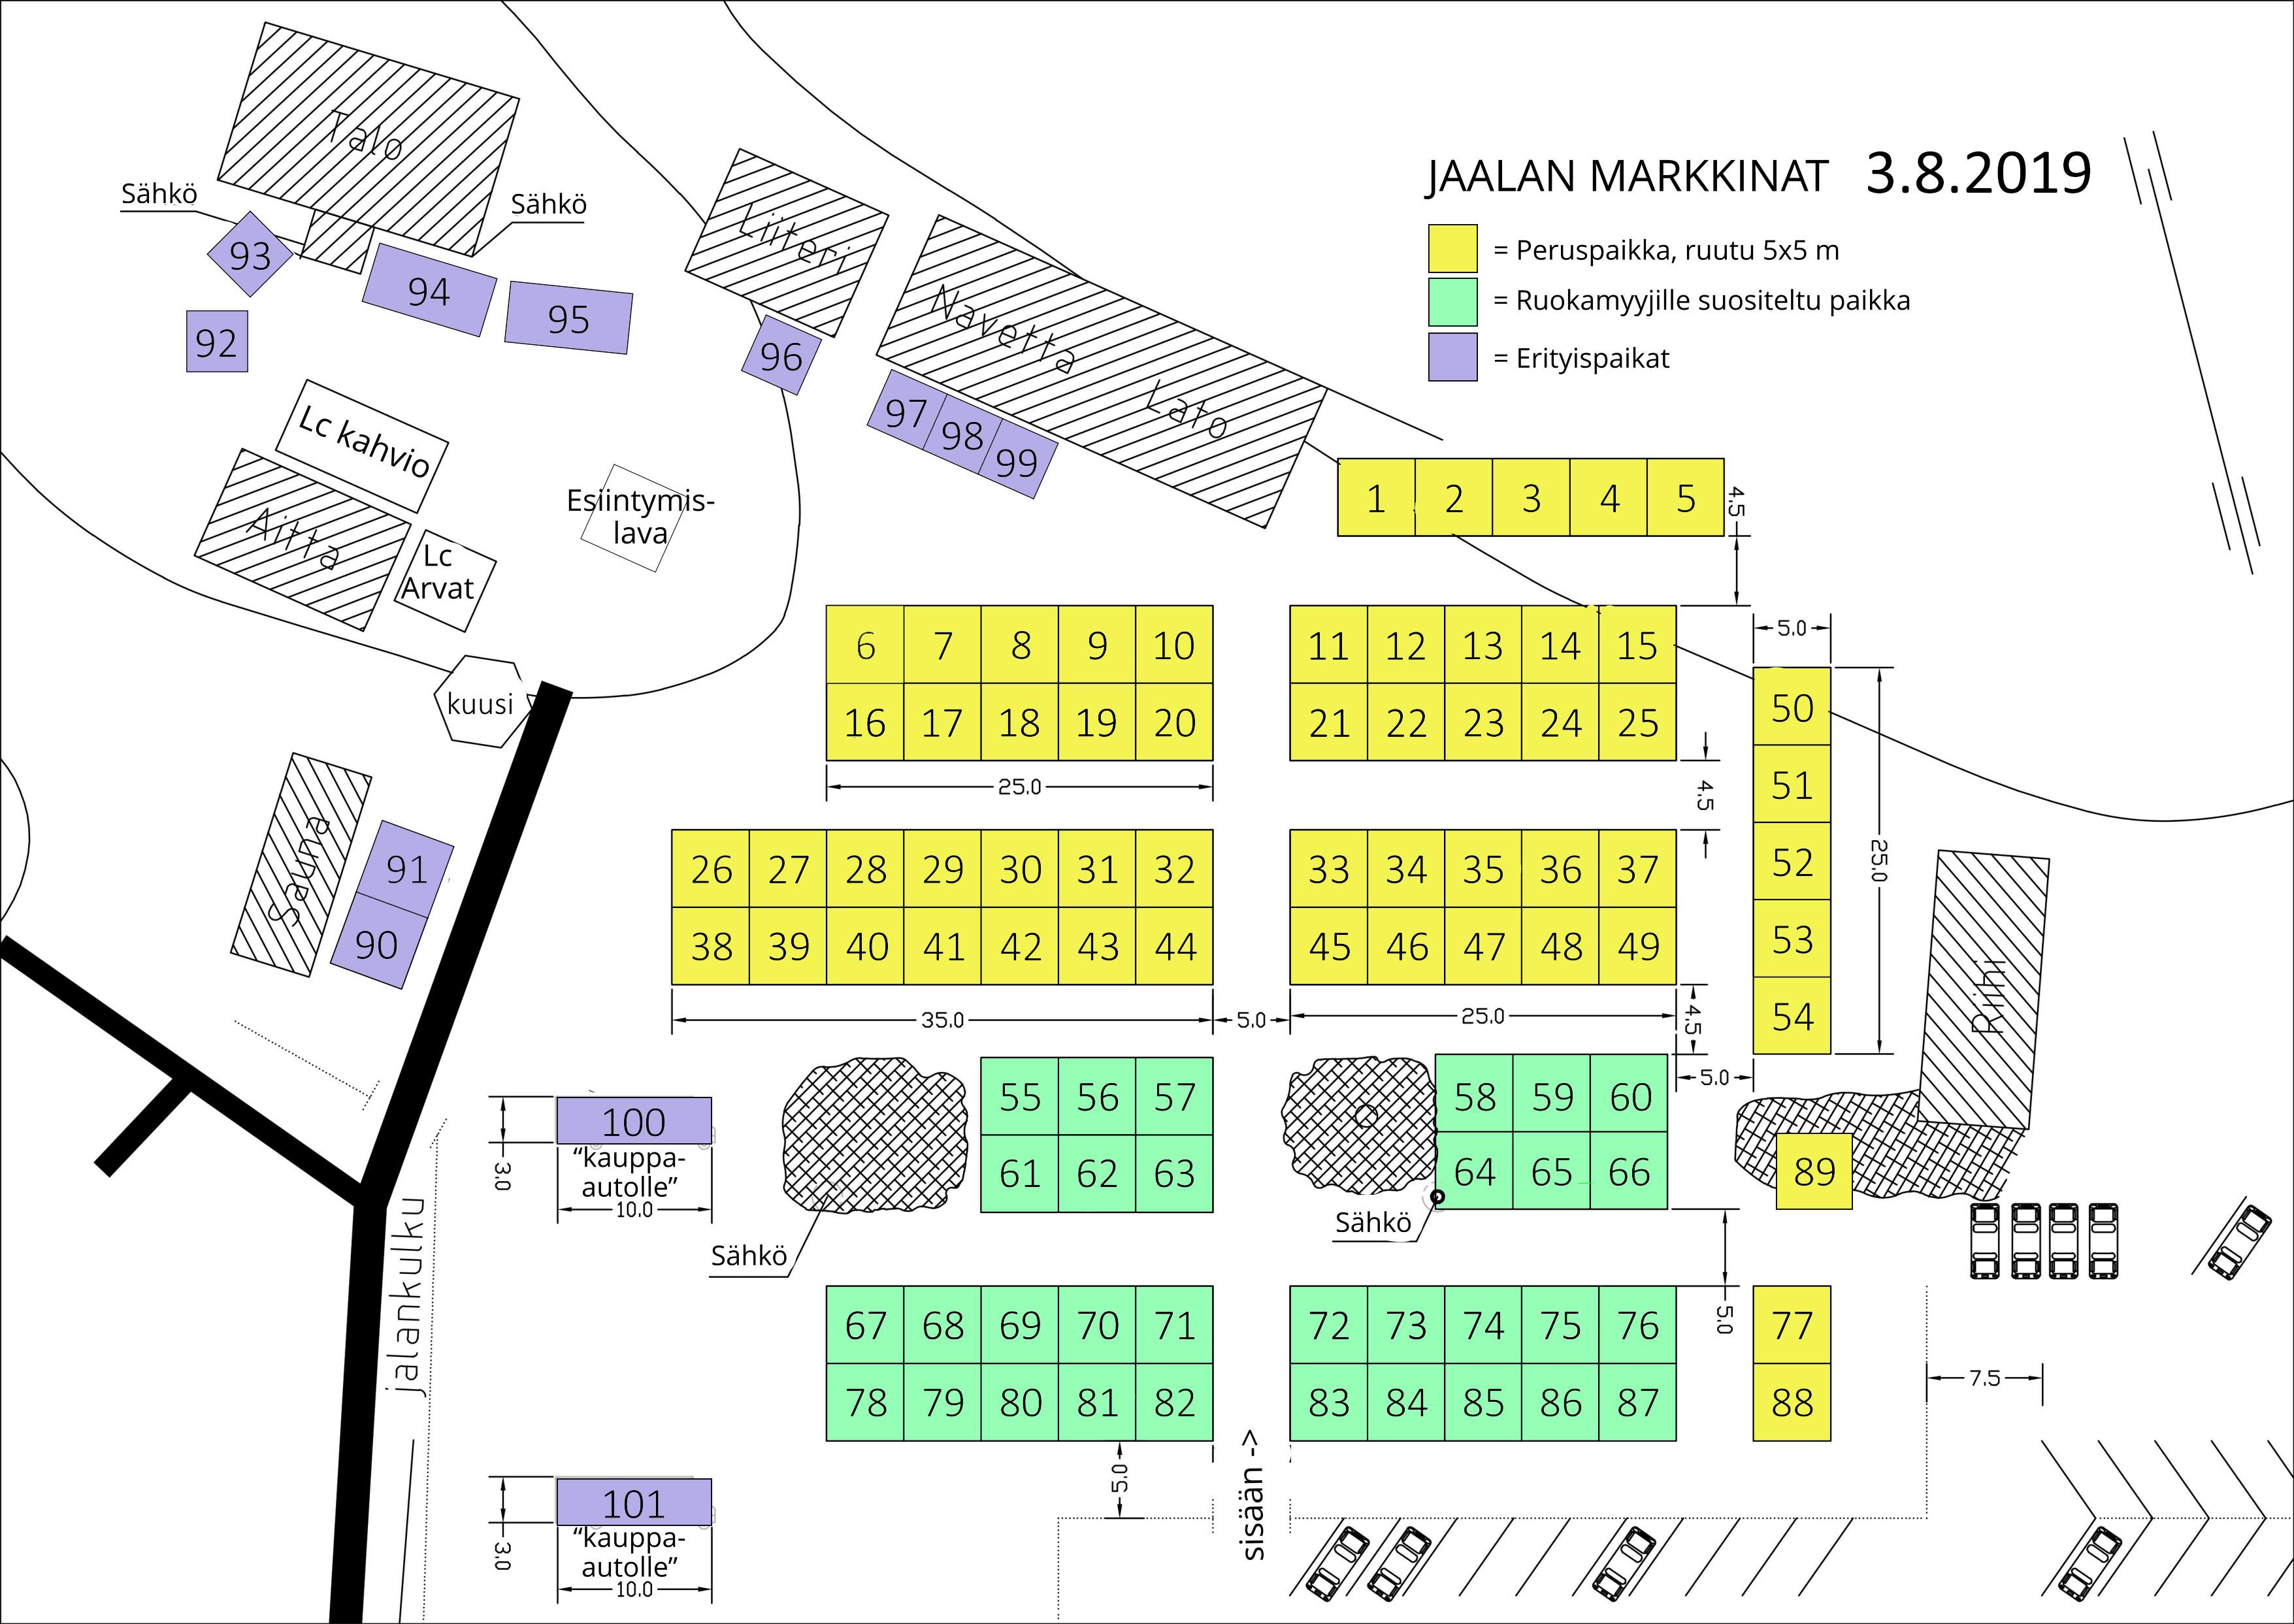 Jaalan Markkinat 2019 markkinapaikat. Klikkaa karttaa ja mene varaamaan paikka.